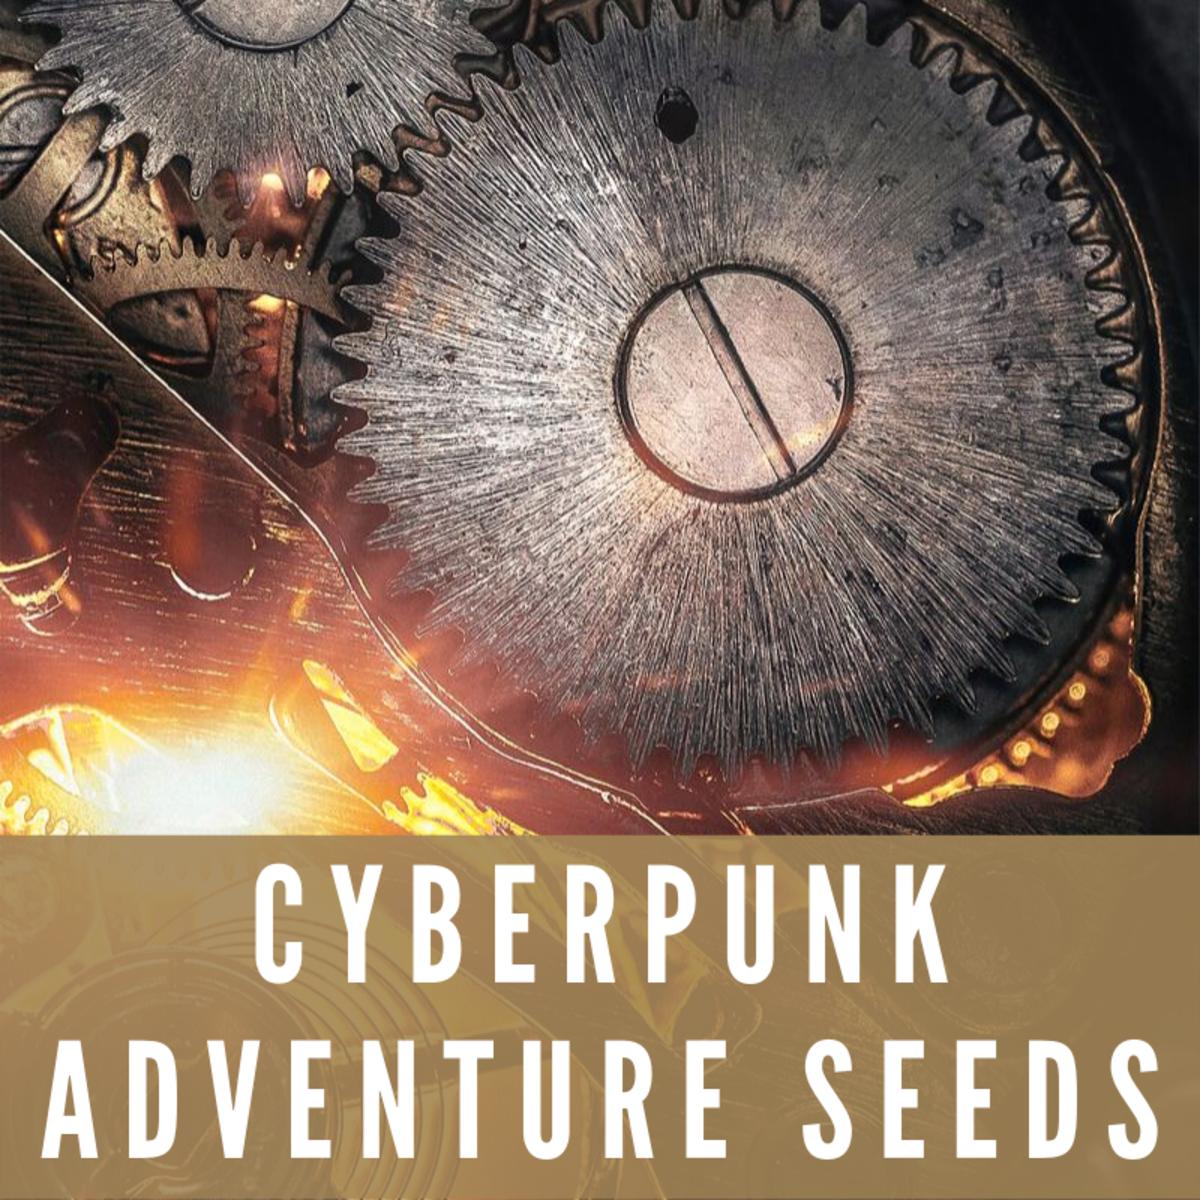 11 Steampunk Adventure Seeds